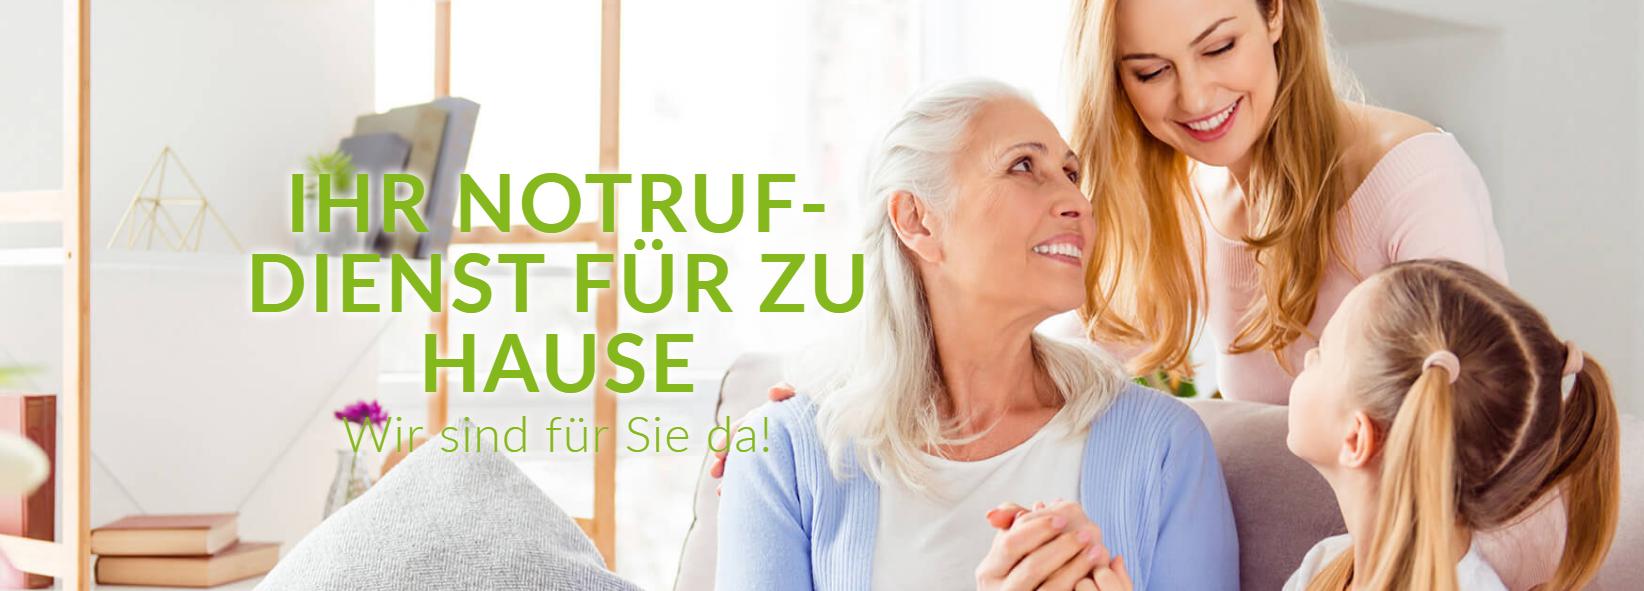 Vitakt sozialer Notrufdienst GmbH